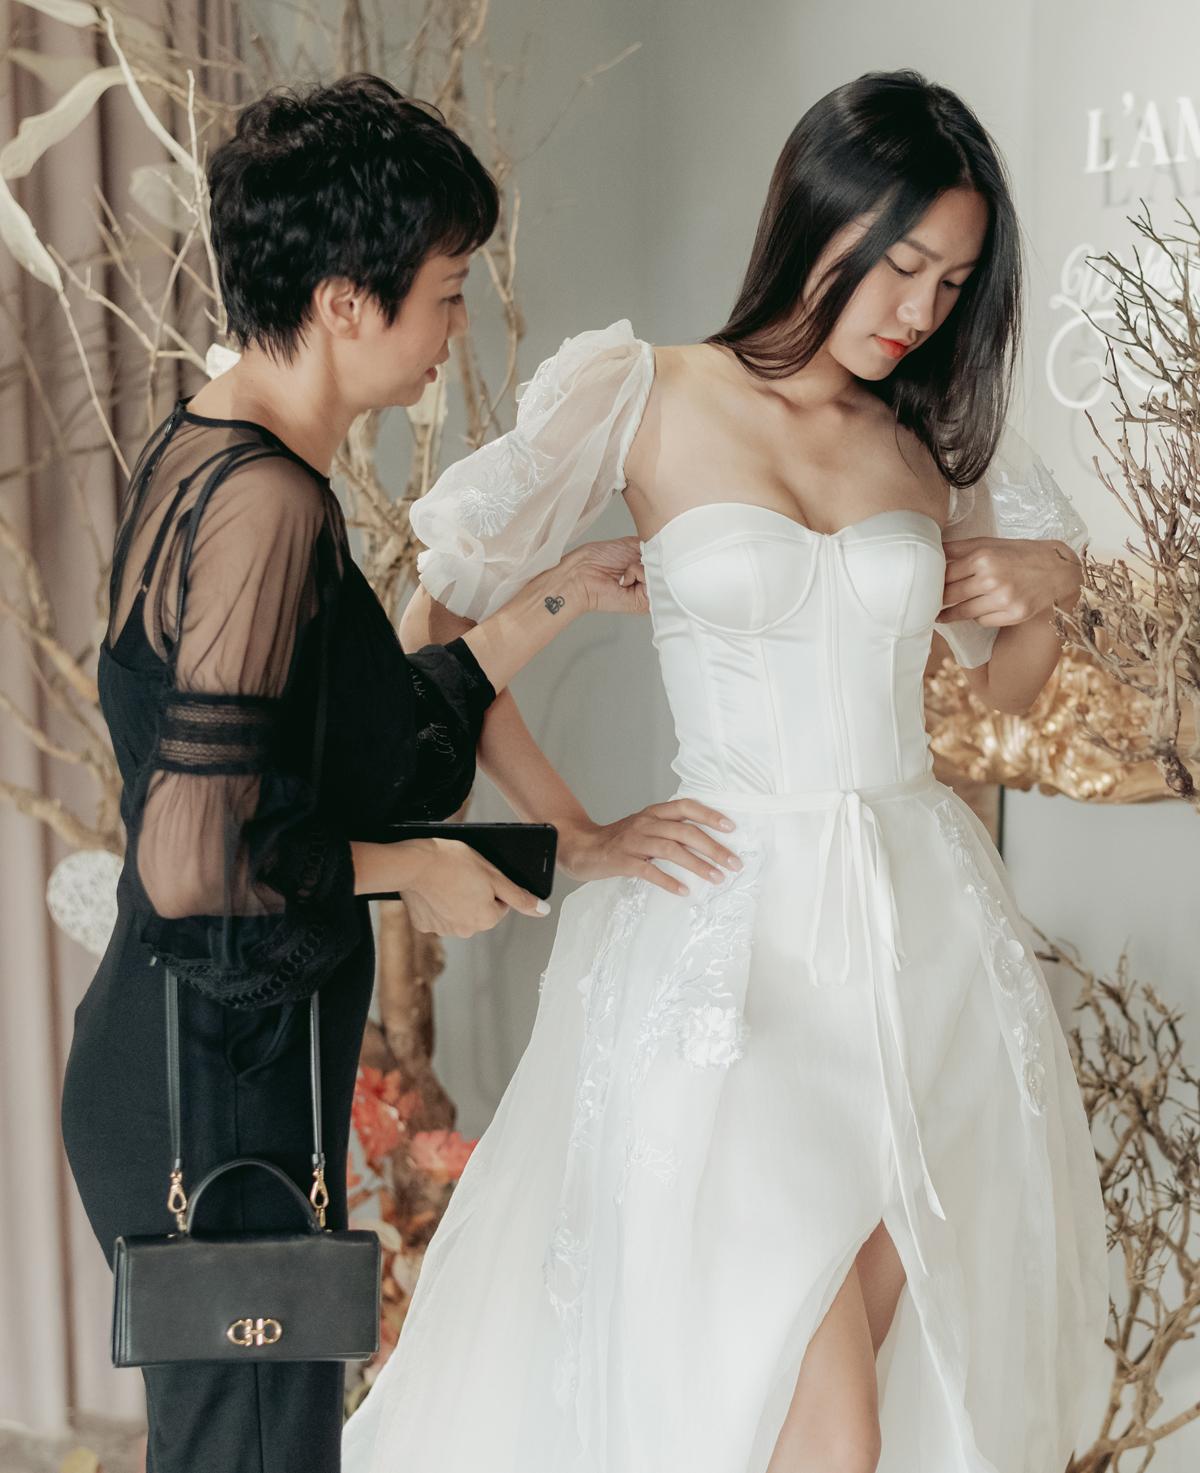 Người đẹp 19 tuổi được mẹ lựa chọn cho nhiều dáng váy cưới khác nhau. Cô khá ưng ý với mẫu đầm cúp ngực tay bồng, giúp cô tôn lên vóc dáng gợi cảm.